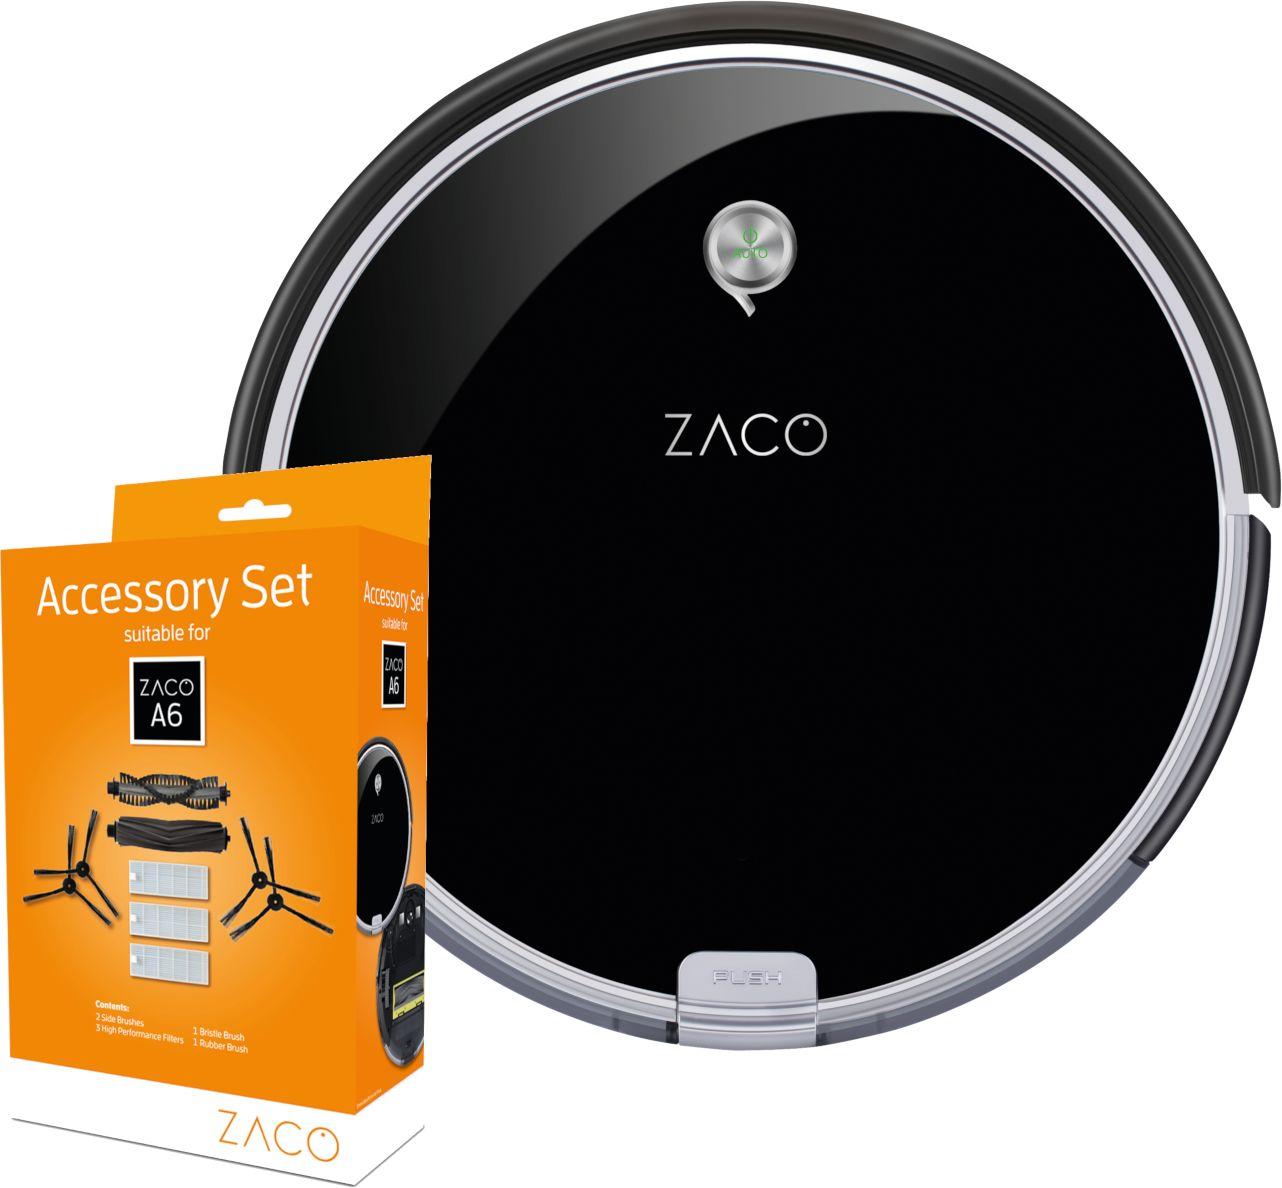 ZACO A6 Robot sprzątający z wirtualną ścianą + ZESTAW AKCESORIÓW